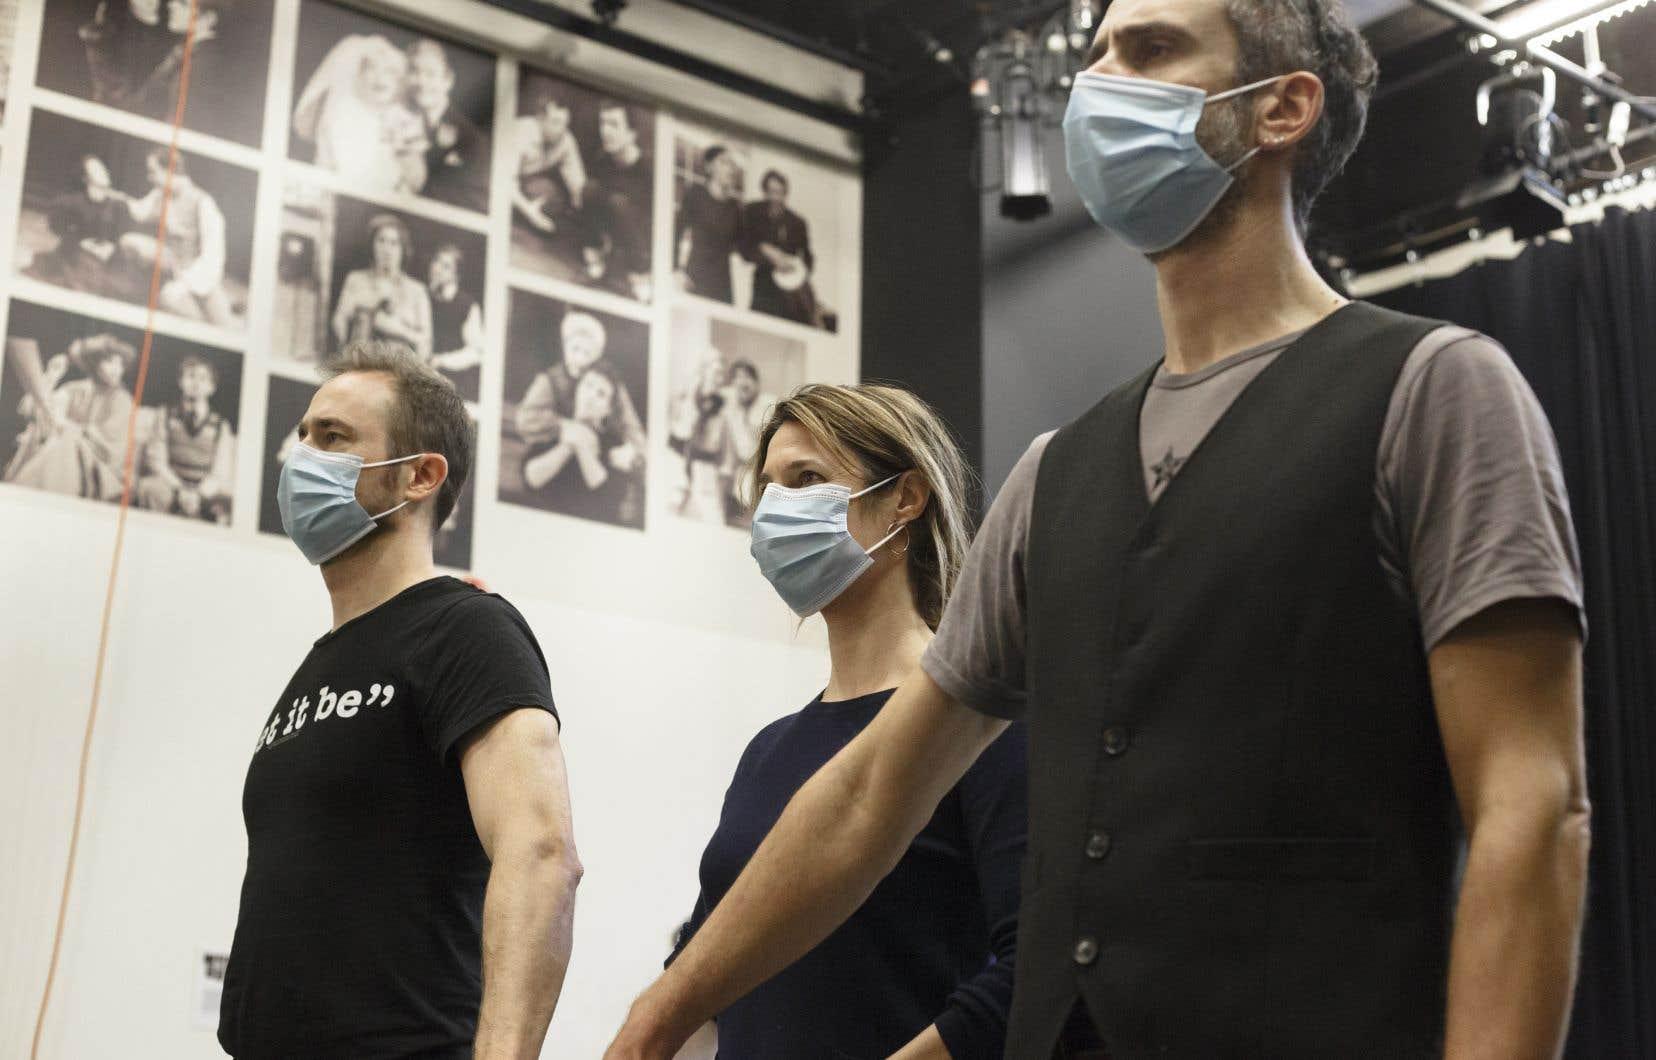 Le triangle  composé de Pierre (Renaud Paradis), d'Isabelle (Julie  Daoust) et de  Joseph (Ariel Ifergan) met en scène des relations de pouvoir qui n'ont pas pris une ride. Sur cette image, une répétition de la pièce dans l'actuel contexte pandémique.